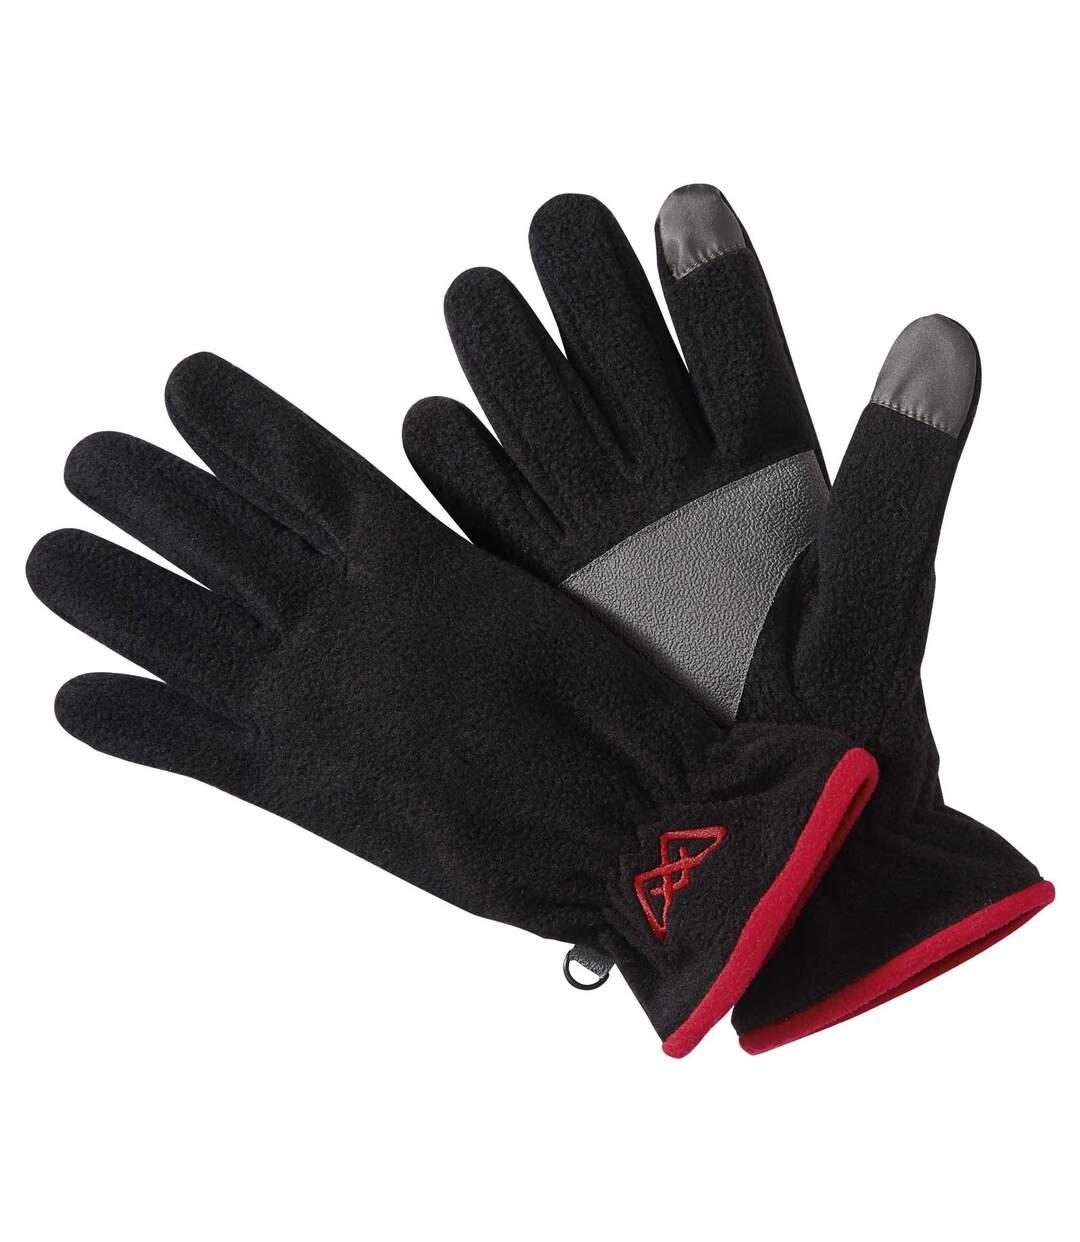 Tactiele handschoenen van fleece